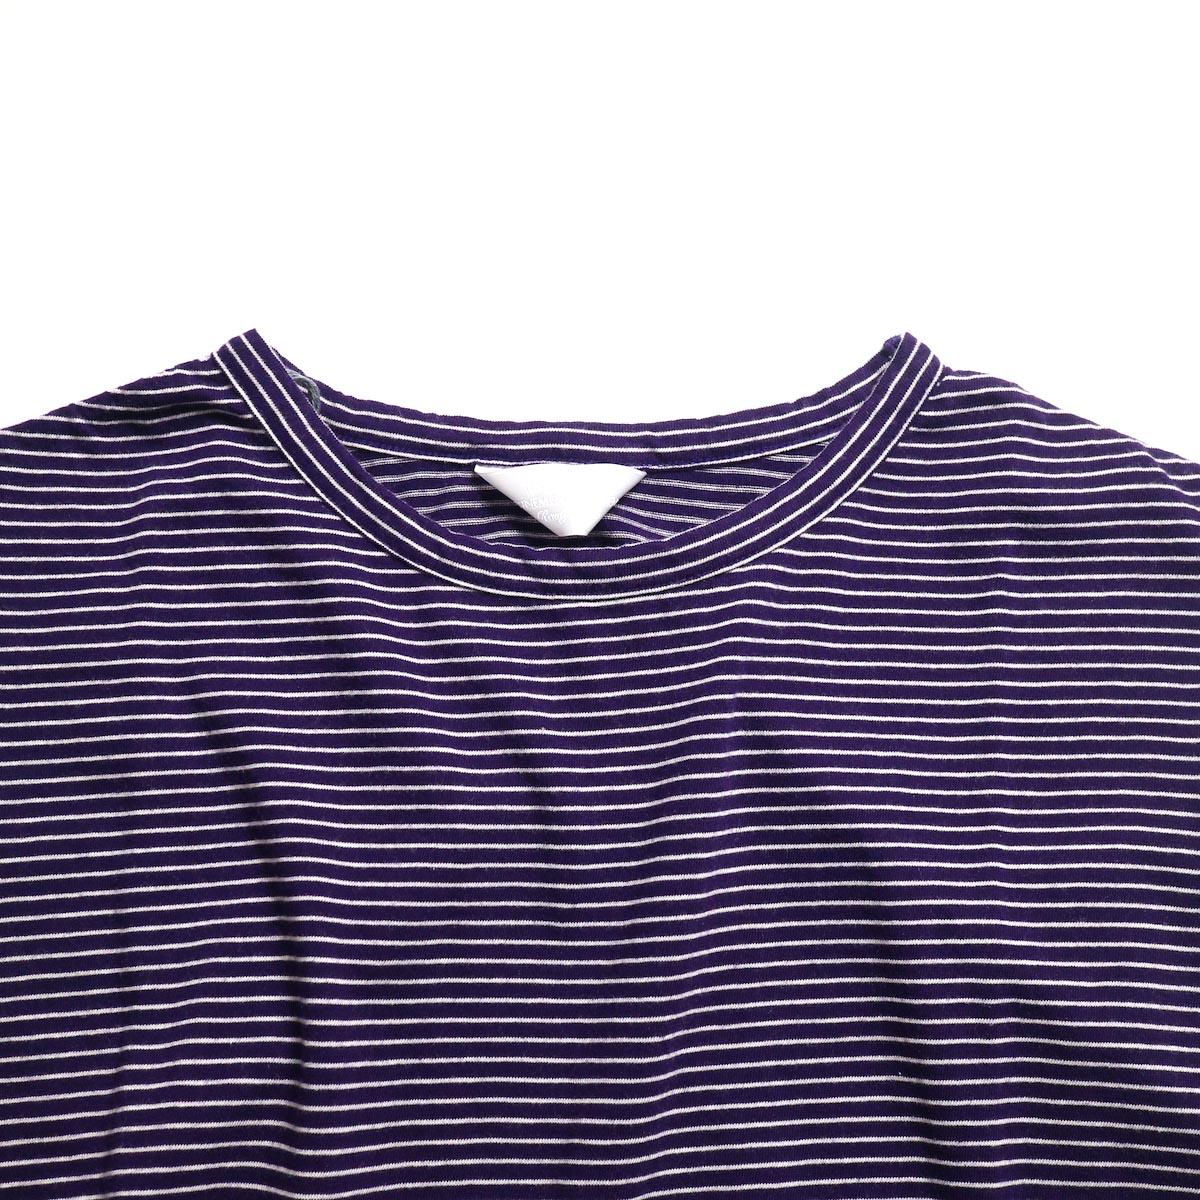 UNUSED / US1568 Border No Sleeve Tee (Purple×White)襟